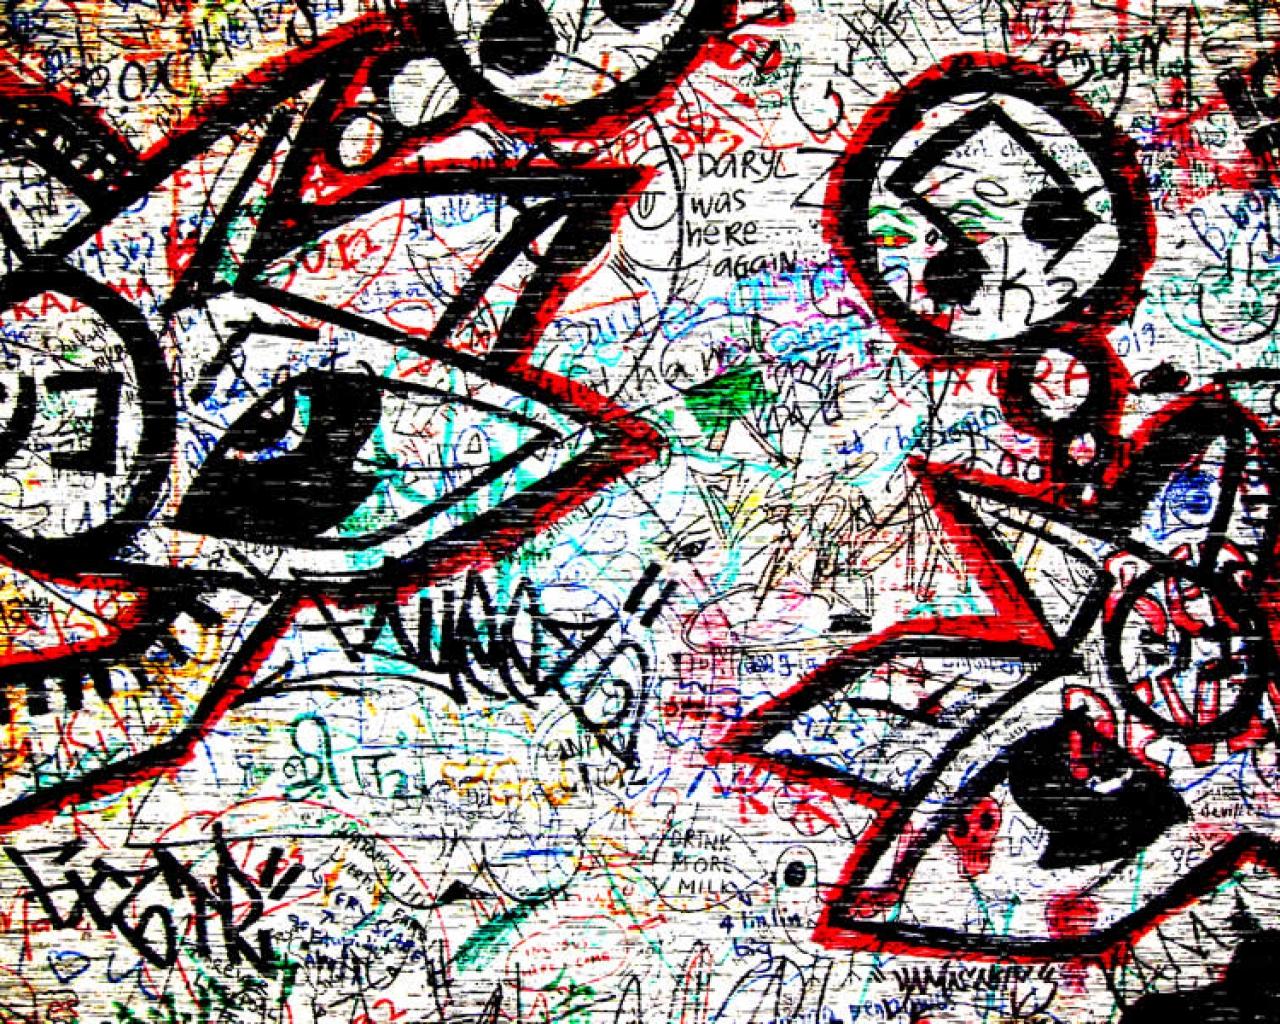 60 Gambar Grafiti Dan Wallpaper Graffiti Terkeren Wallpaper